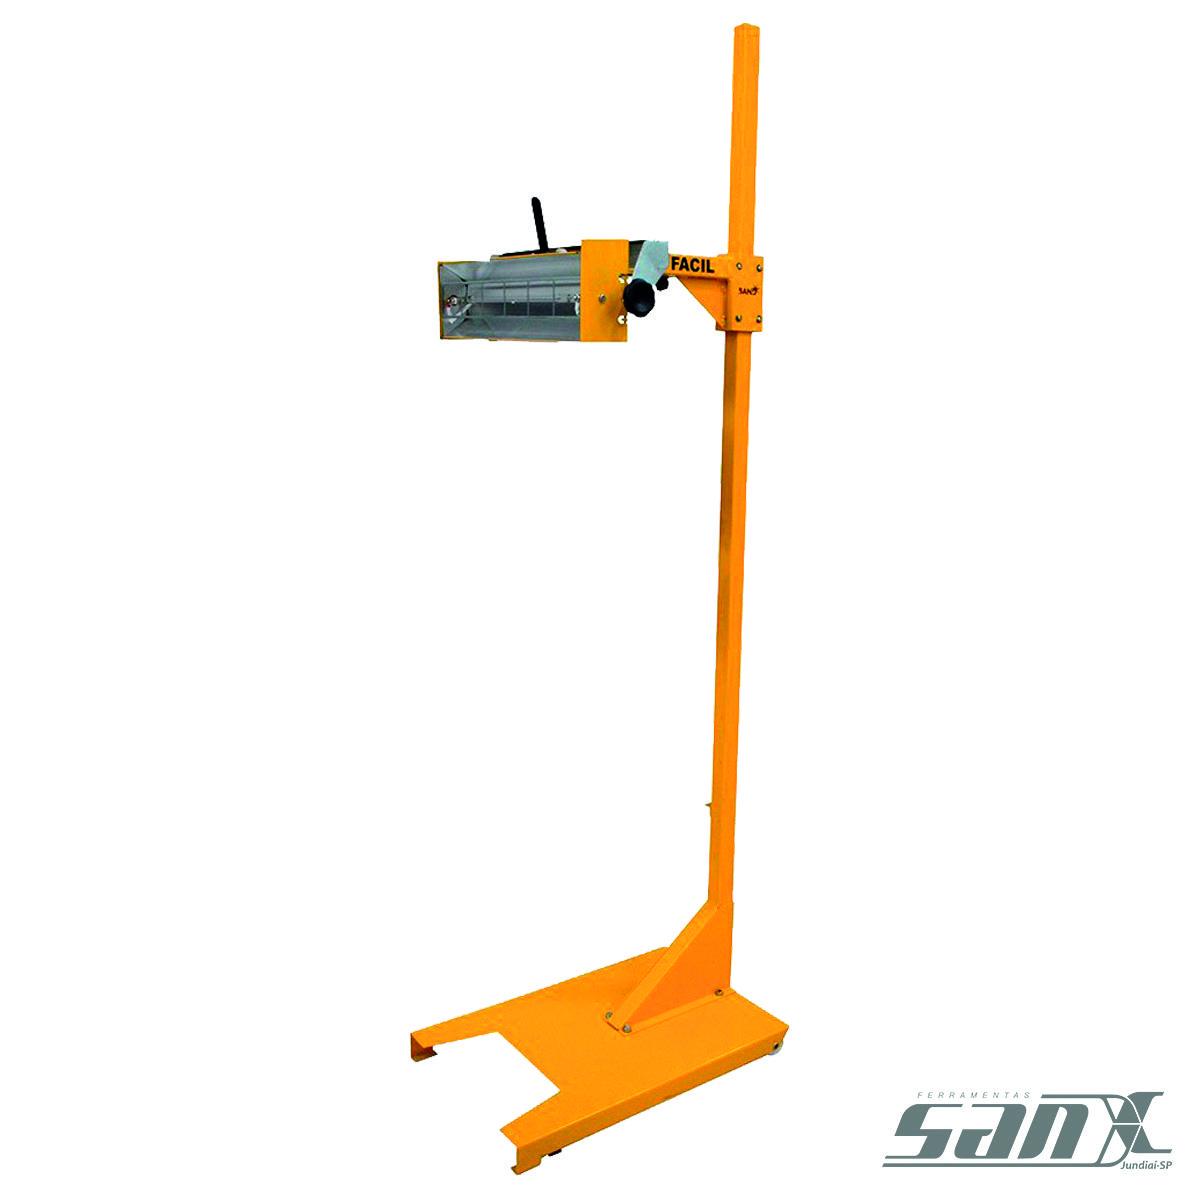 Painel de Secagem Infra Fácil 1 Lâmpada - BAND-3363